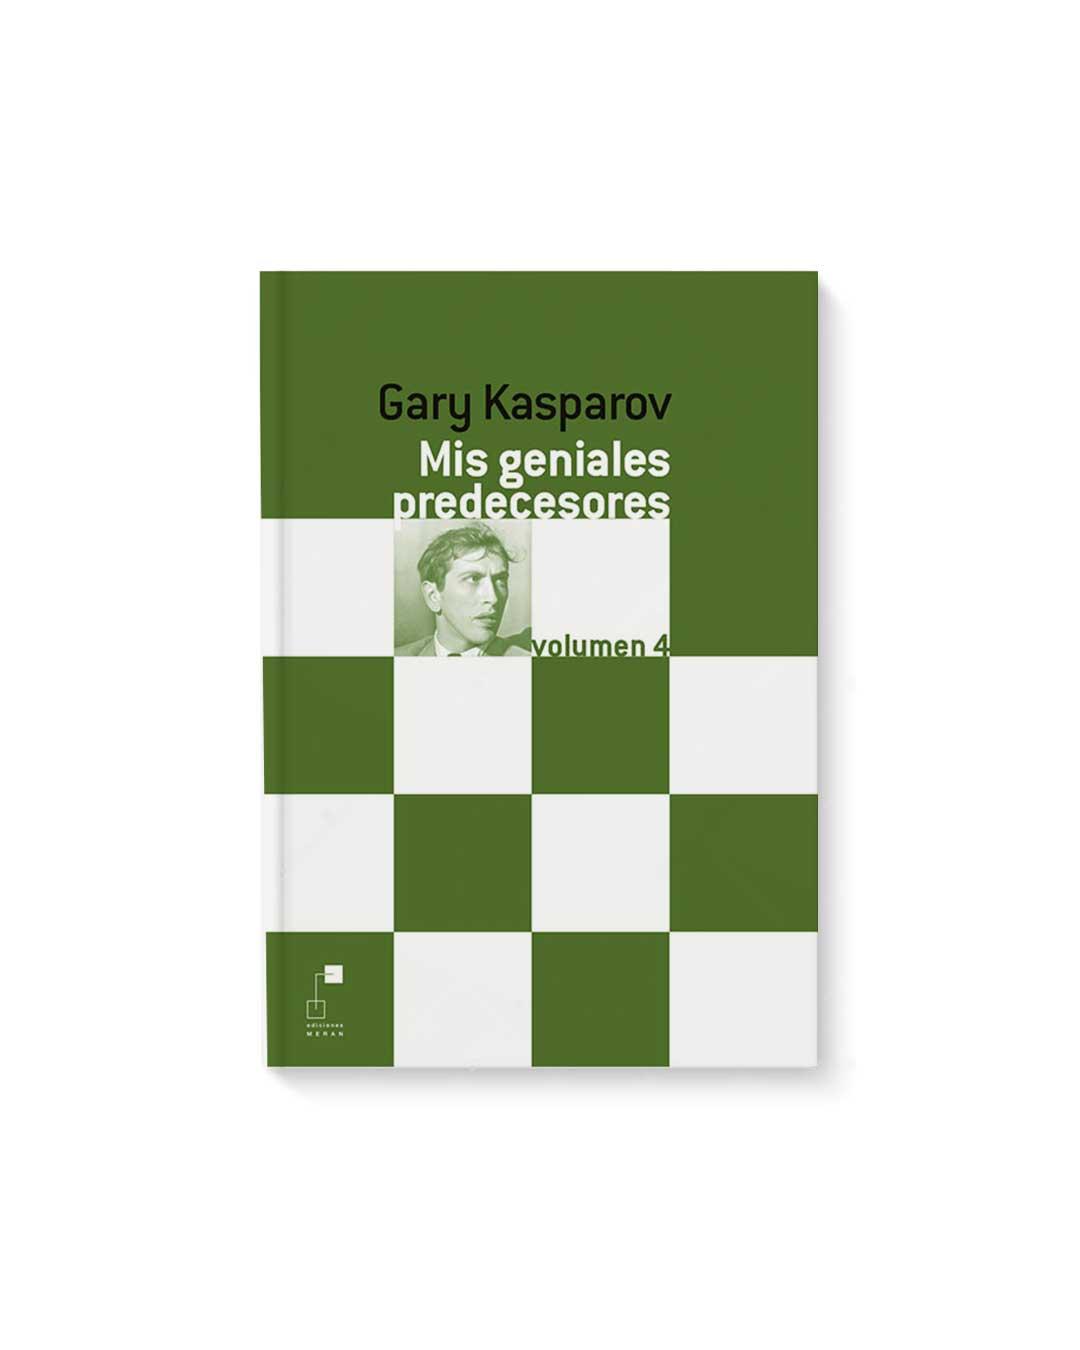 Mis Geniales Predecesores Vol 4  - Gary Kasparov